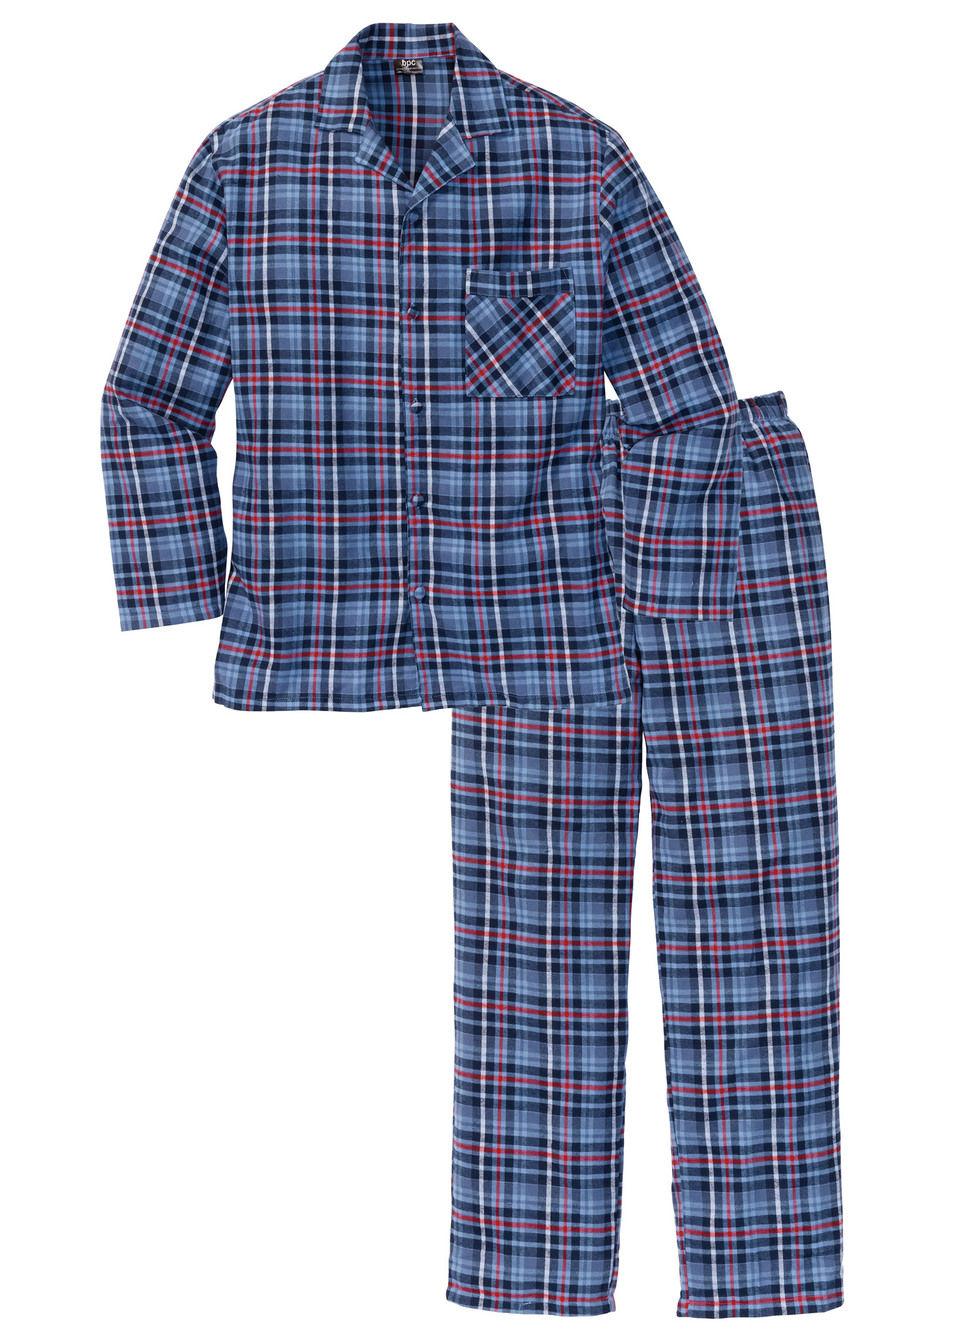 Купить Пижамы, Фланелевая пижама свободного покроя, bonprix, синий в клетку